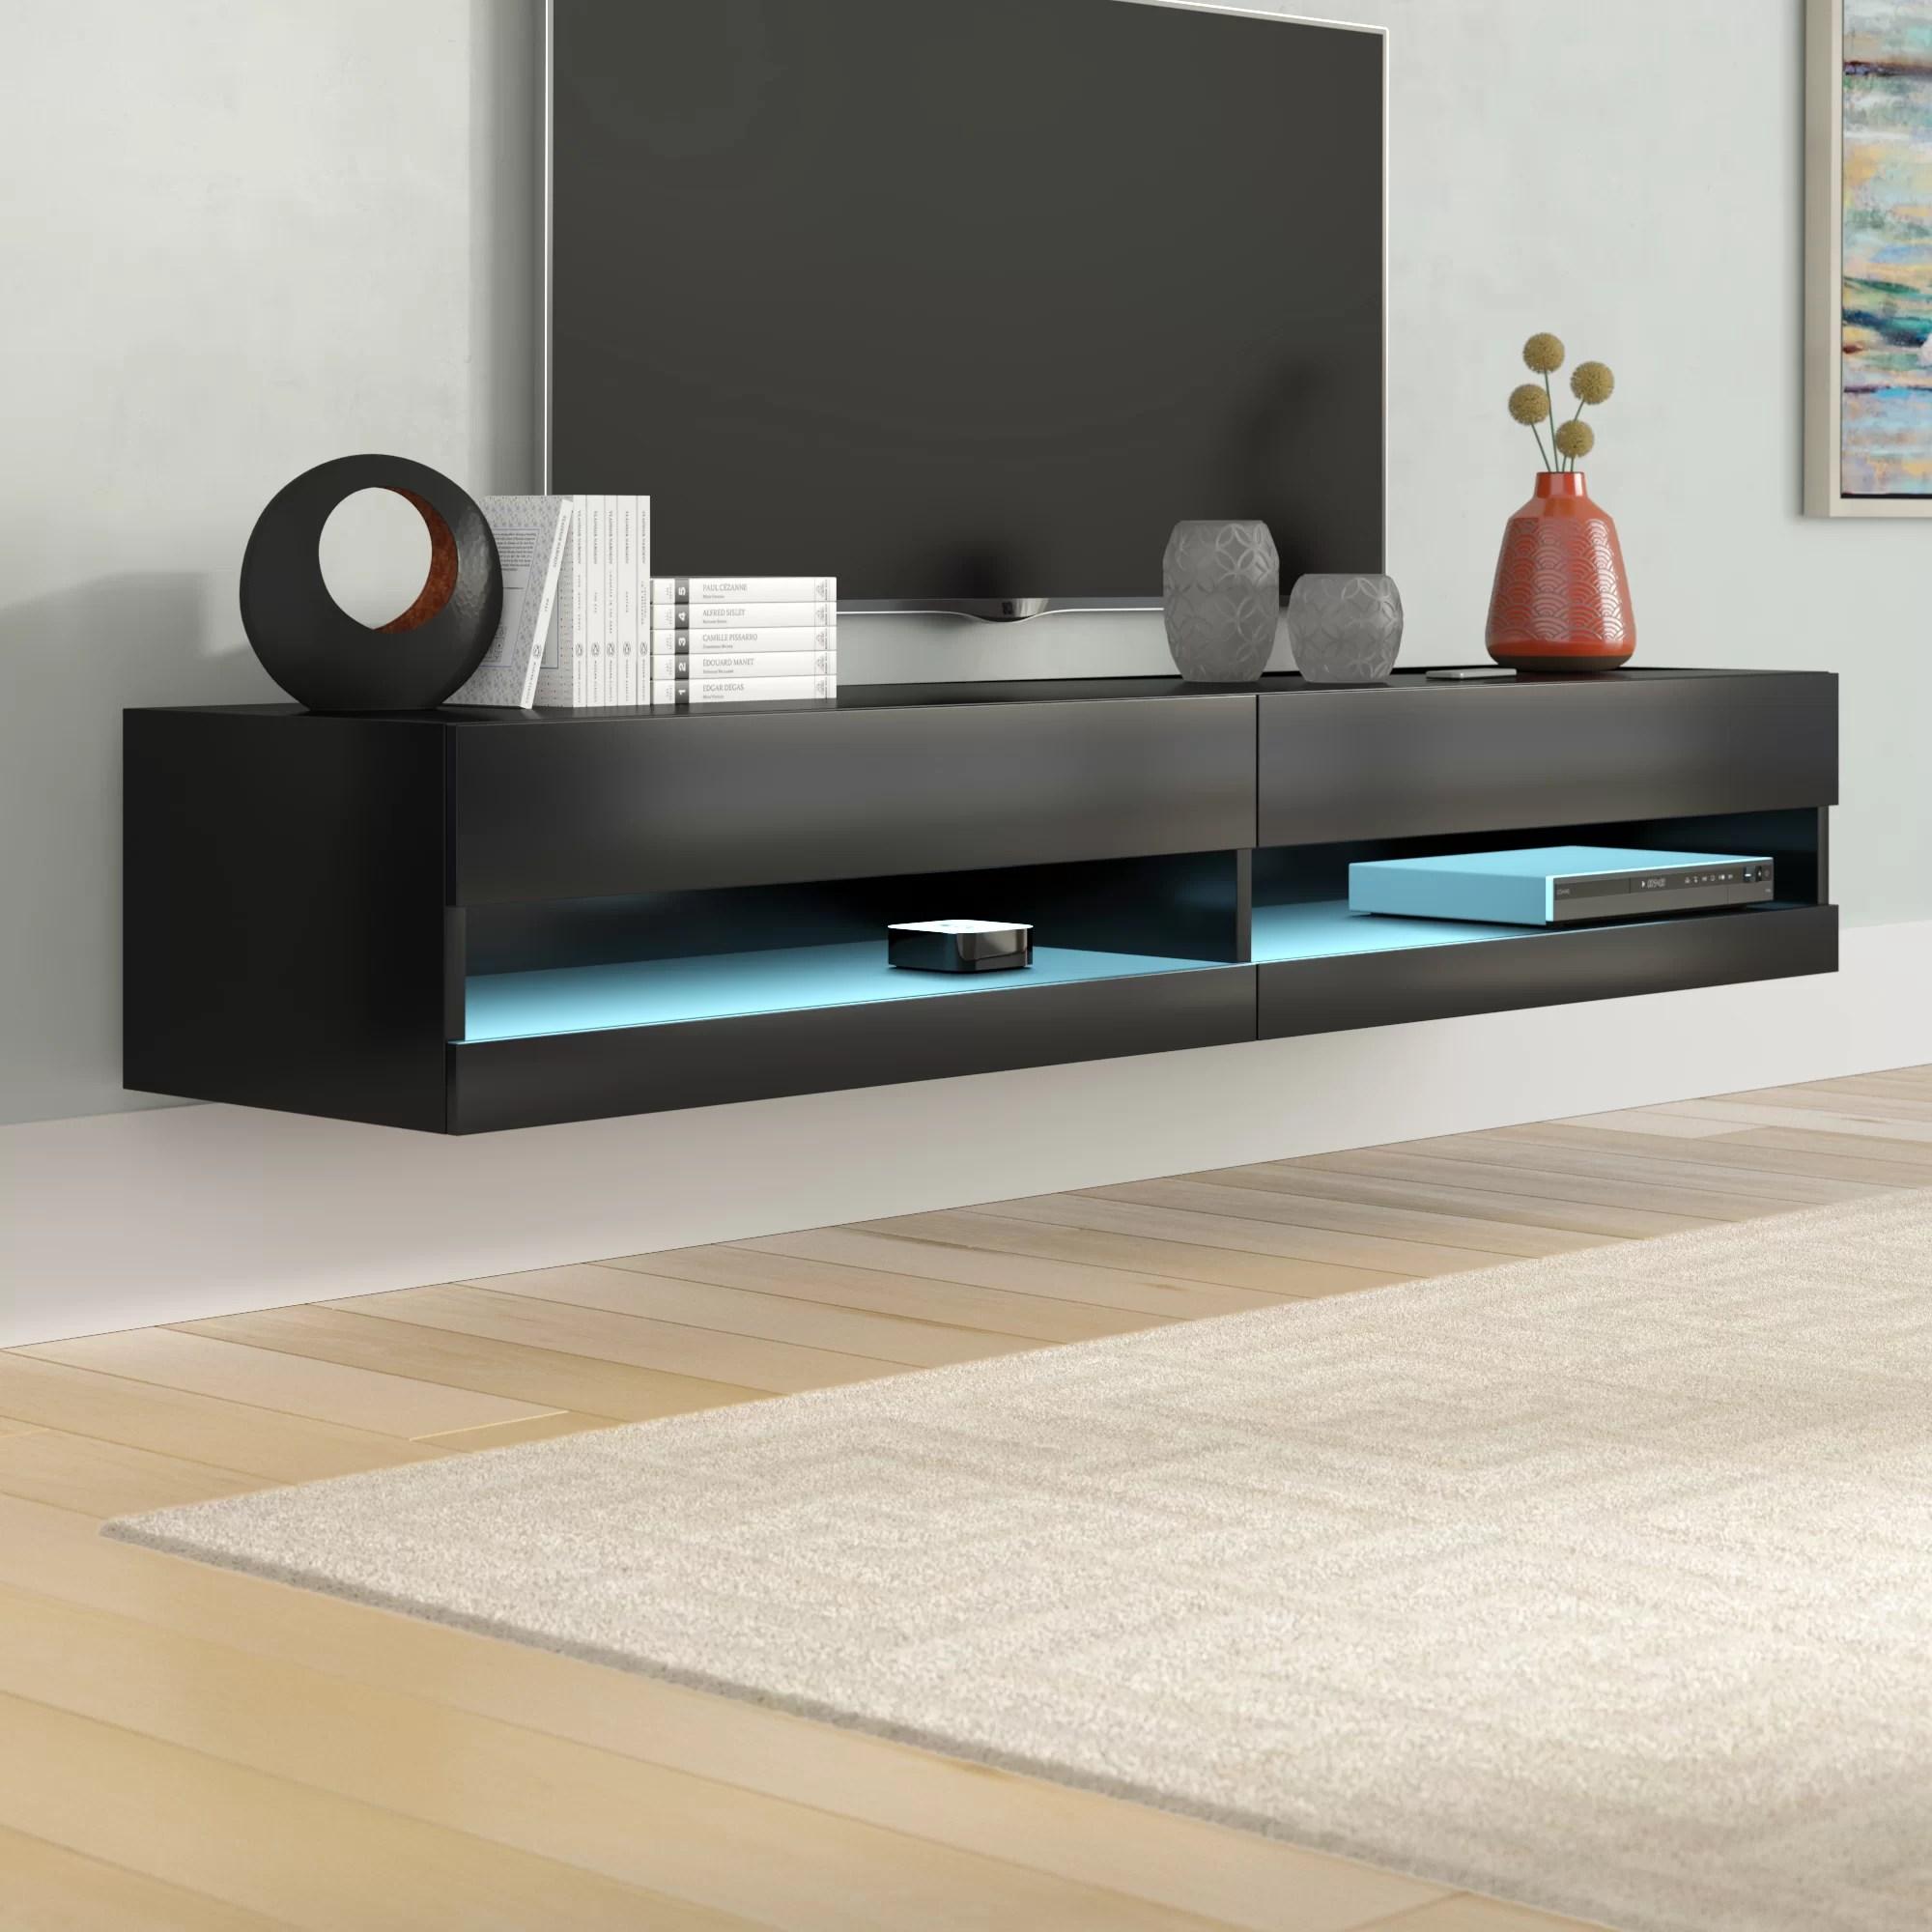 meuble tele flottant pour televiseurs de 78 po ou moins ramsdell